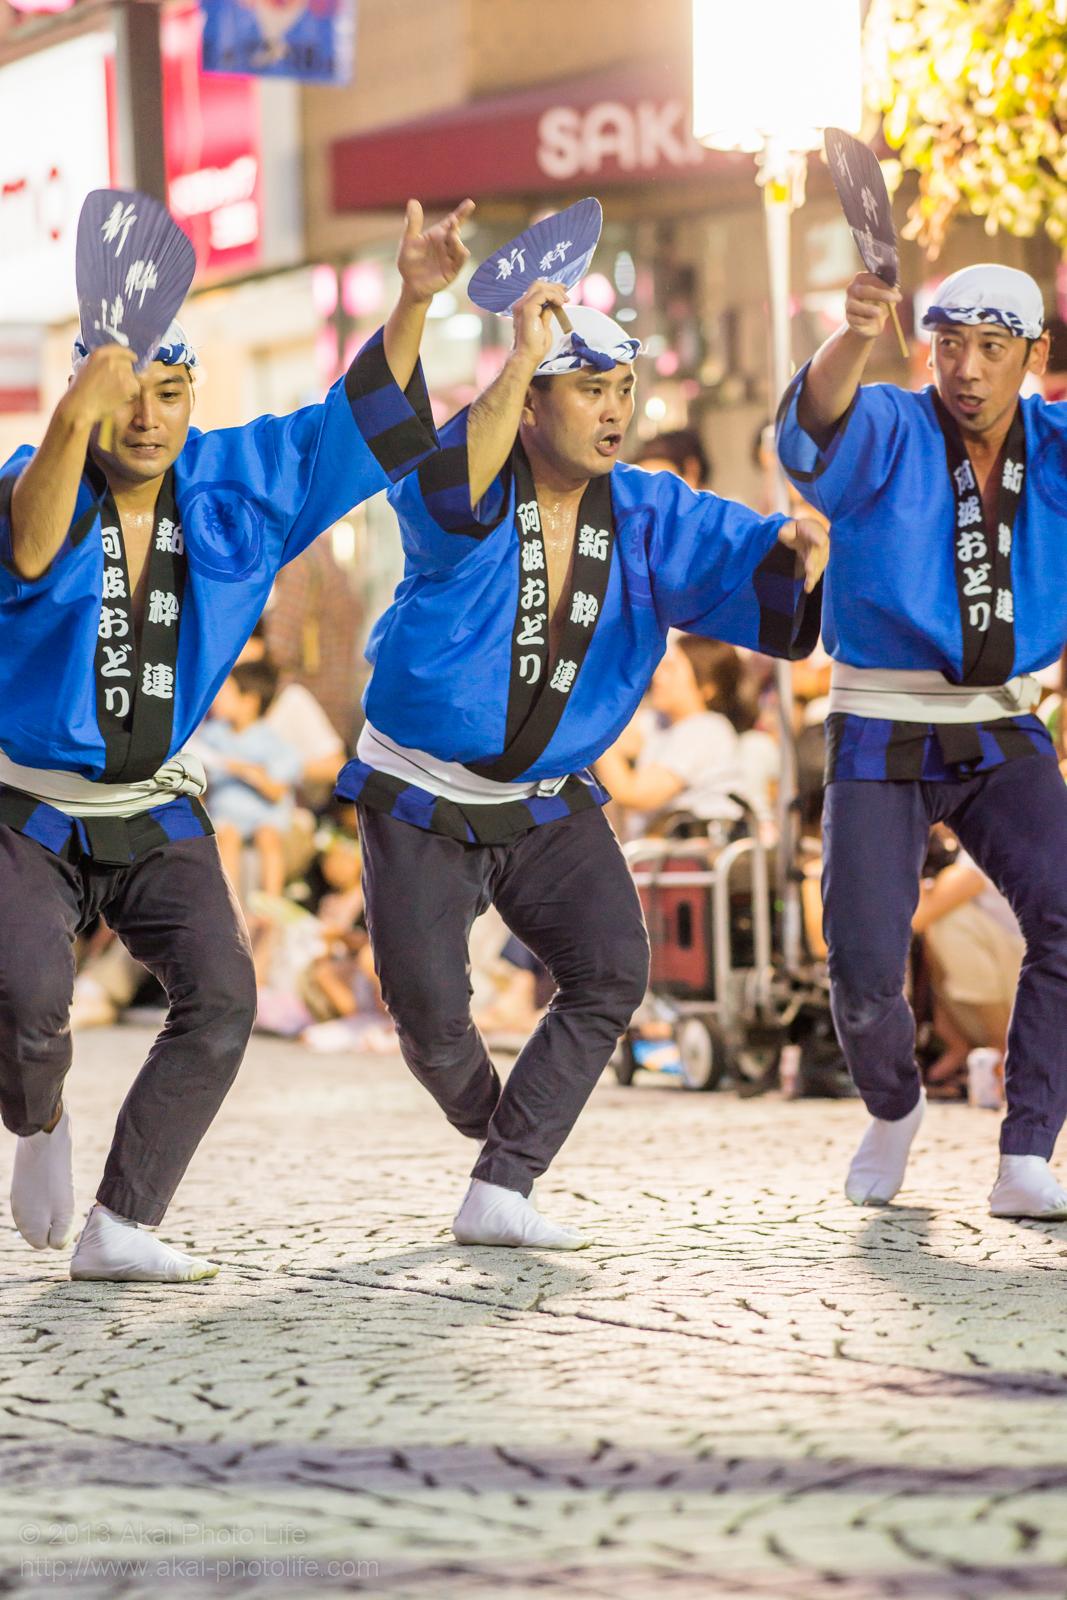 三鷹阿波踊り、新粋連のチームワークが良い男踊り